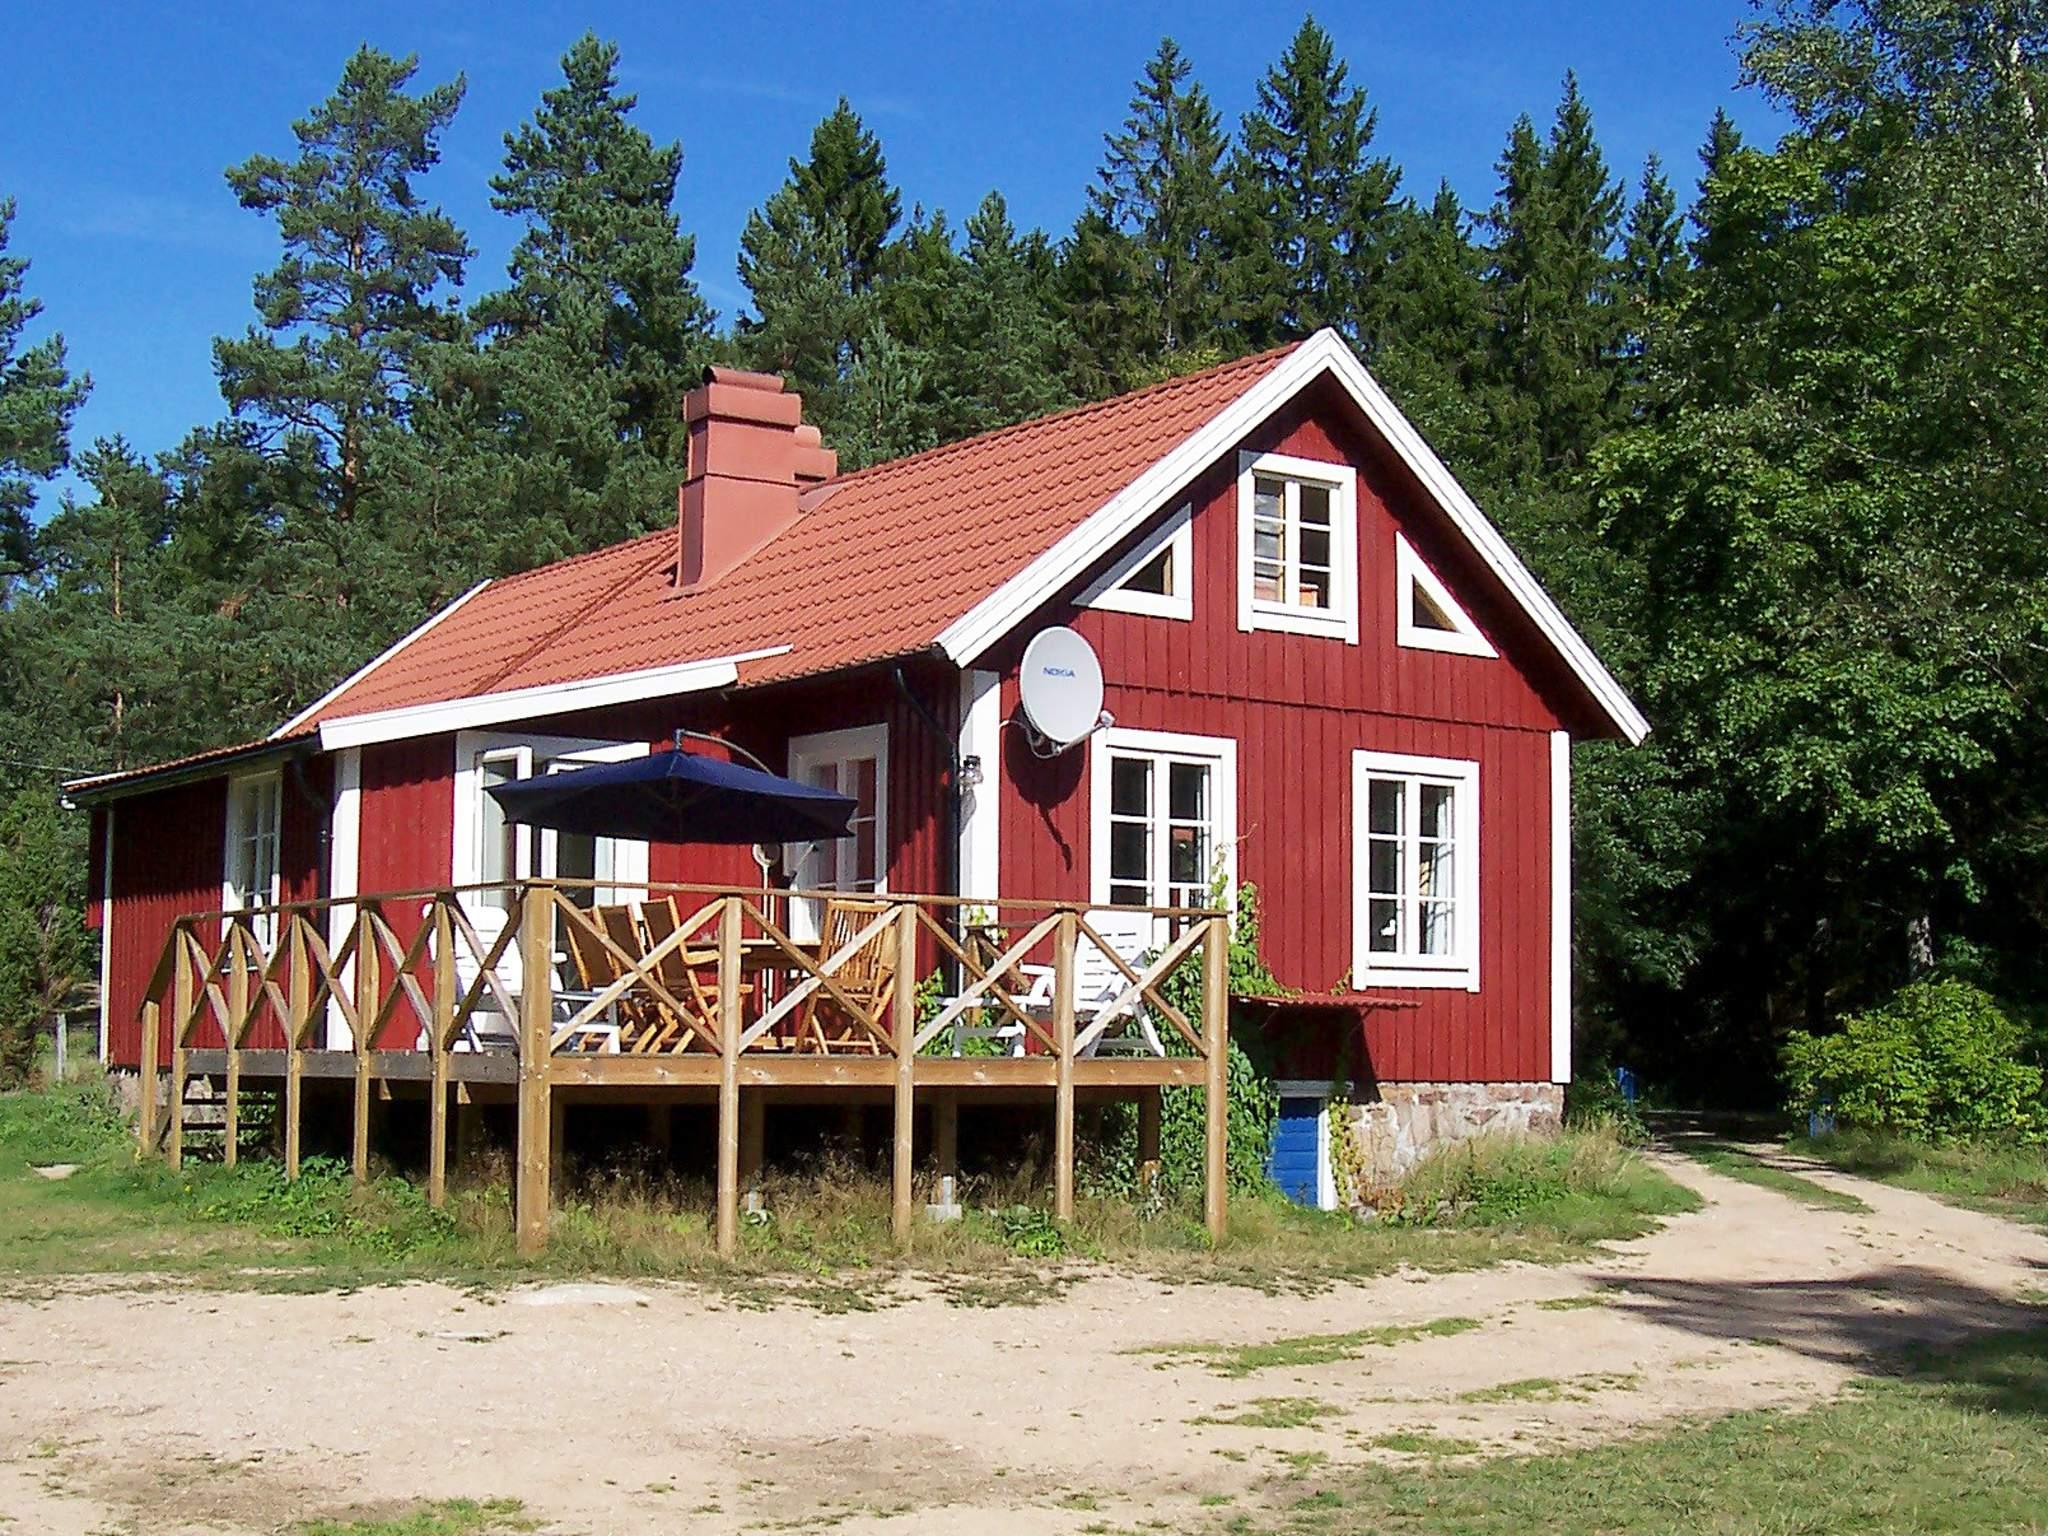 Ferienhaus Tving (135628), Tving, Blekinge län, Südschweden, Schweden, Bild 23